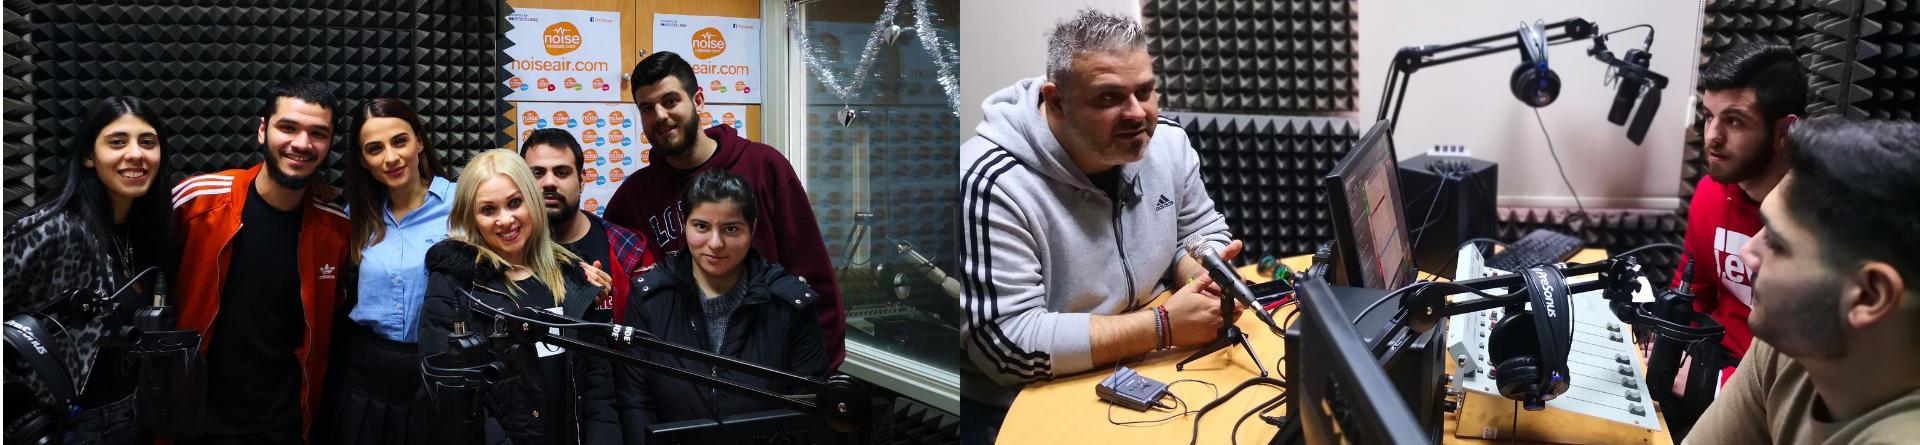 Συνεντεύξεις των φοιτητών Δημοσιογραφίας στο διαδικτυακό ραδιόφωνο NOISE RADIO